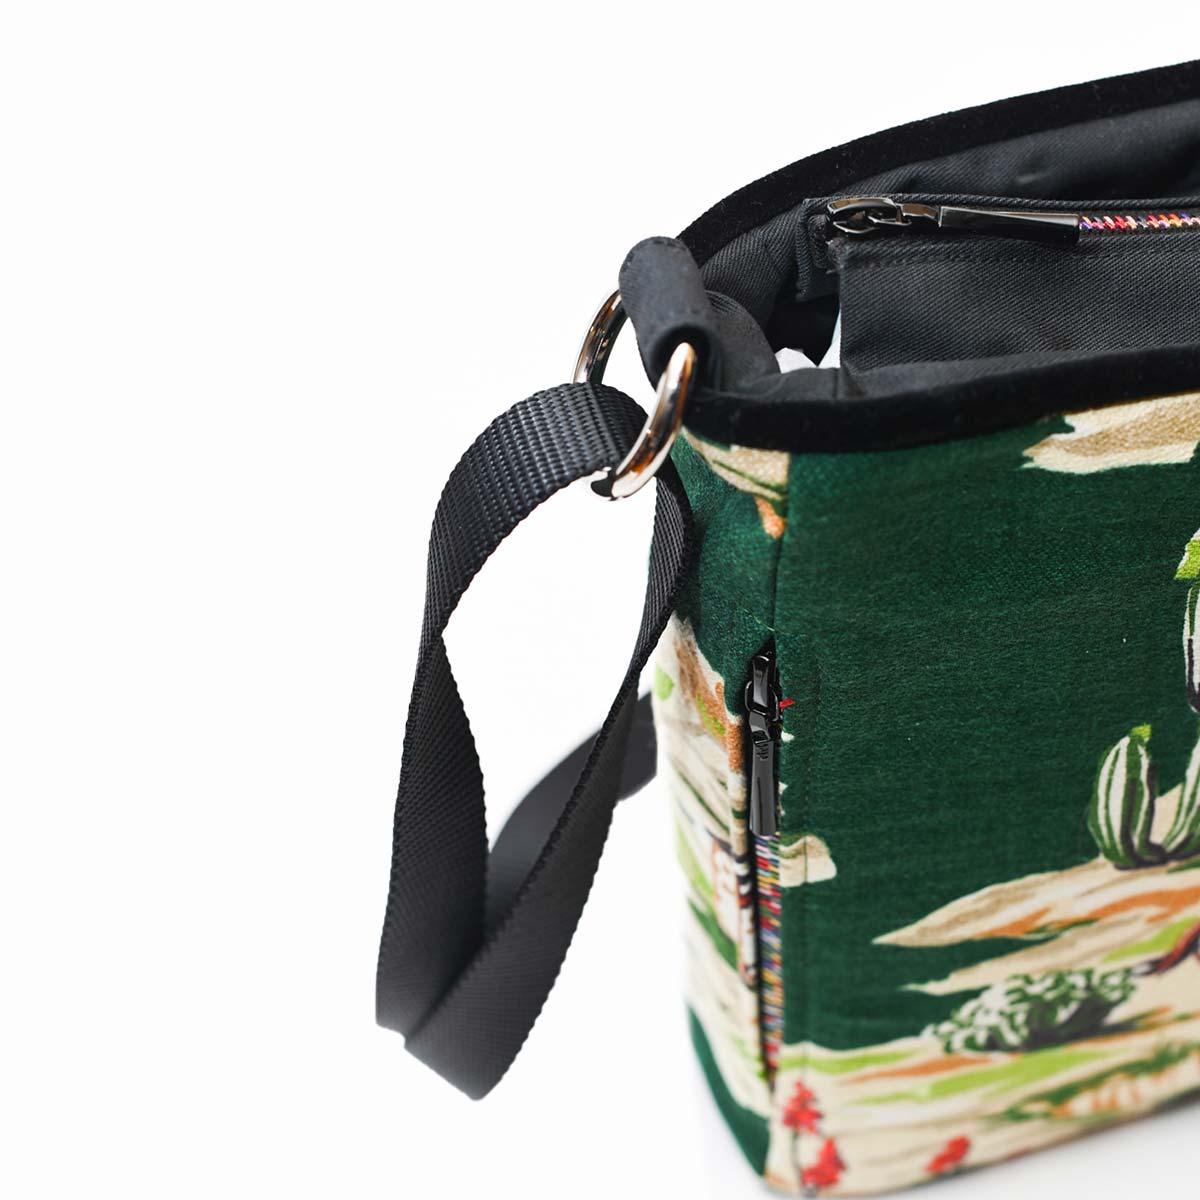 crossbody bag western motif on green DSC 6573